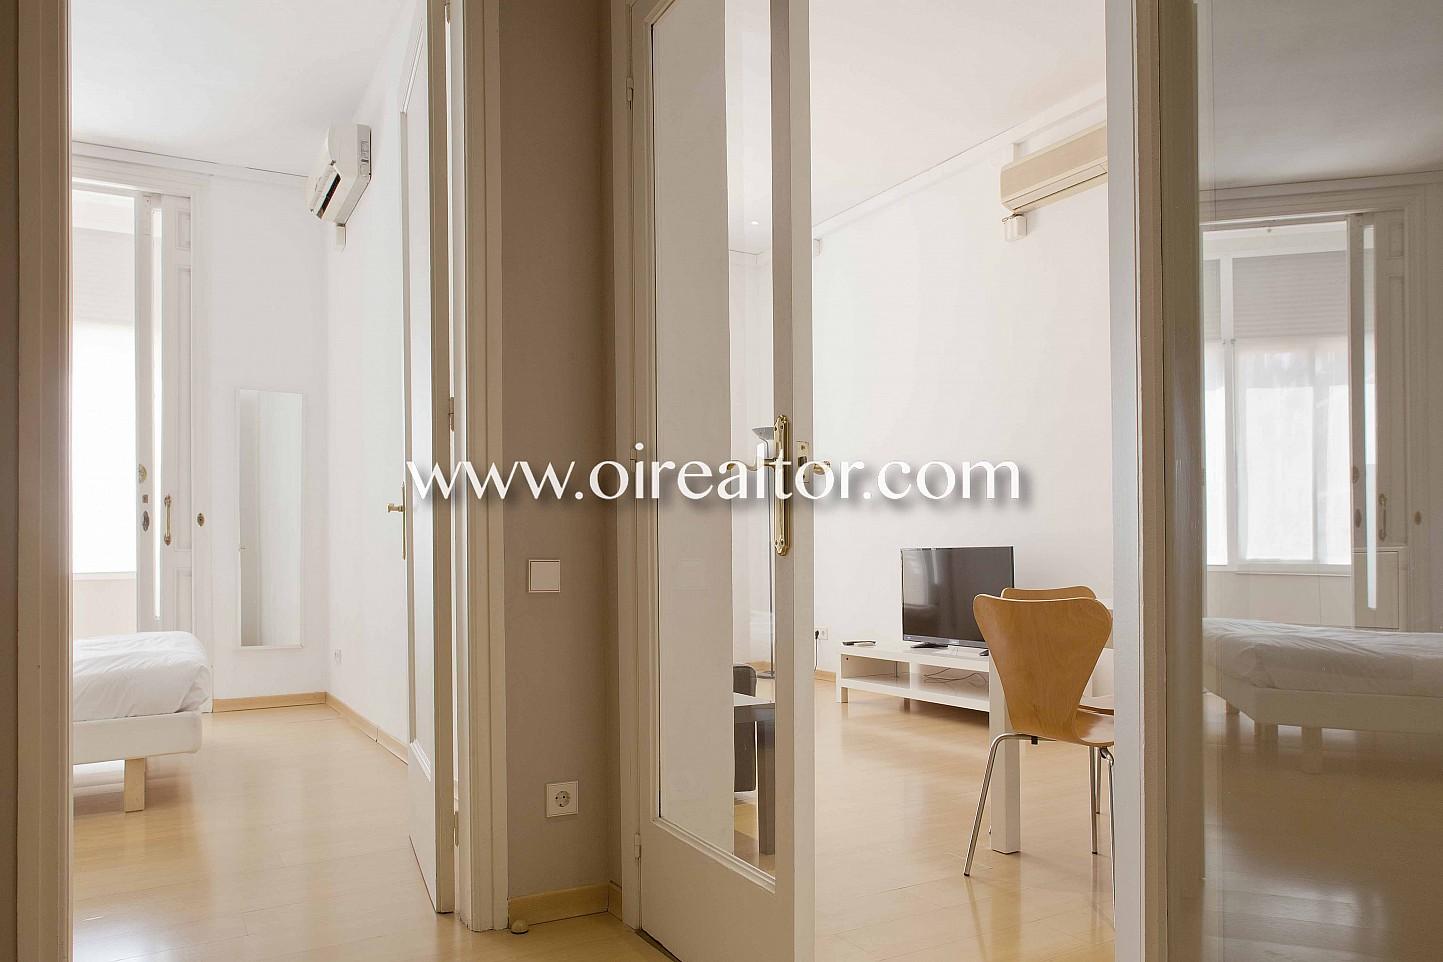 Квартира в Эшампле Дрета с туристической лицензией